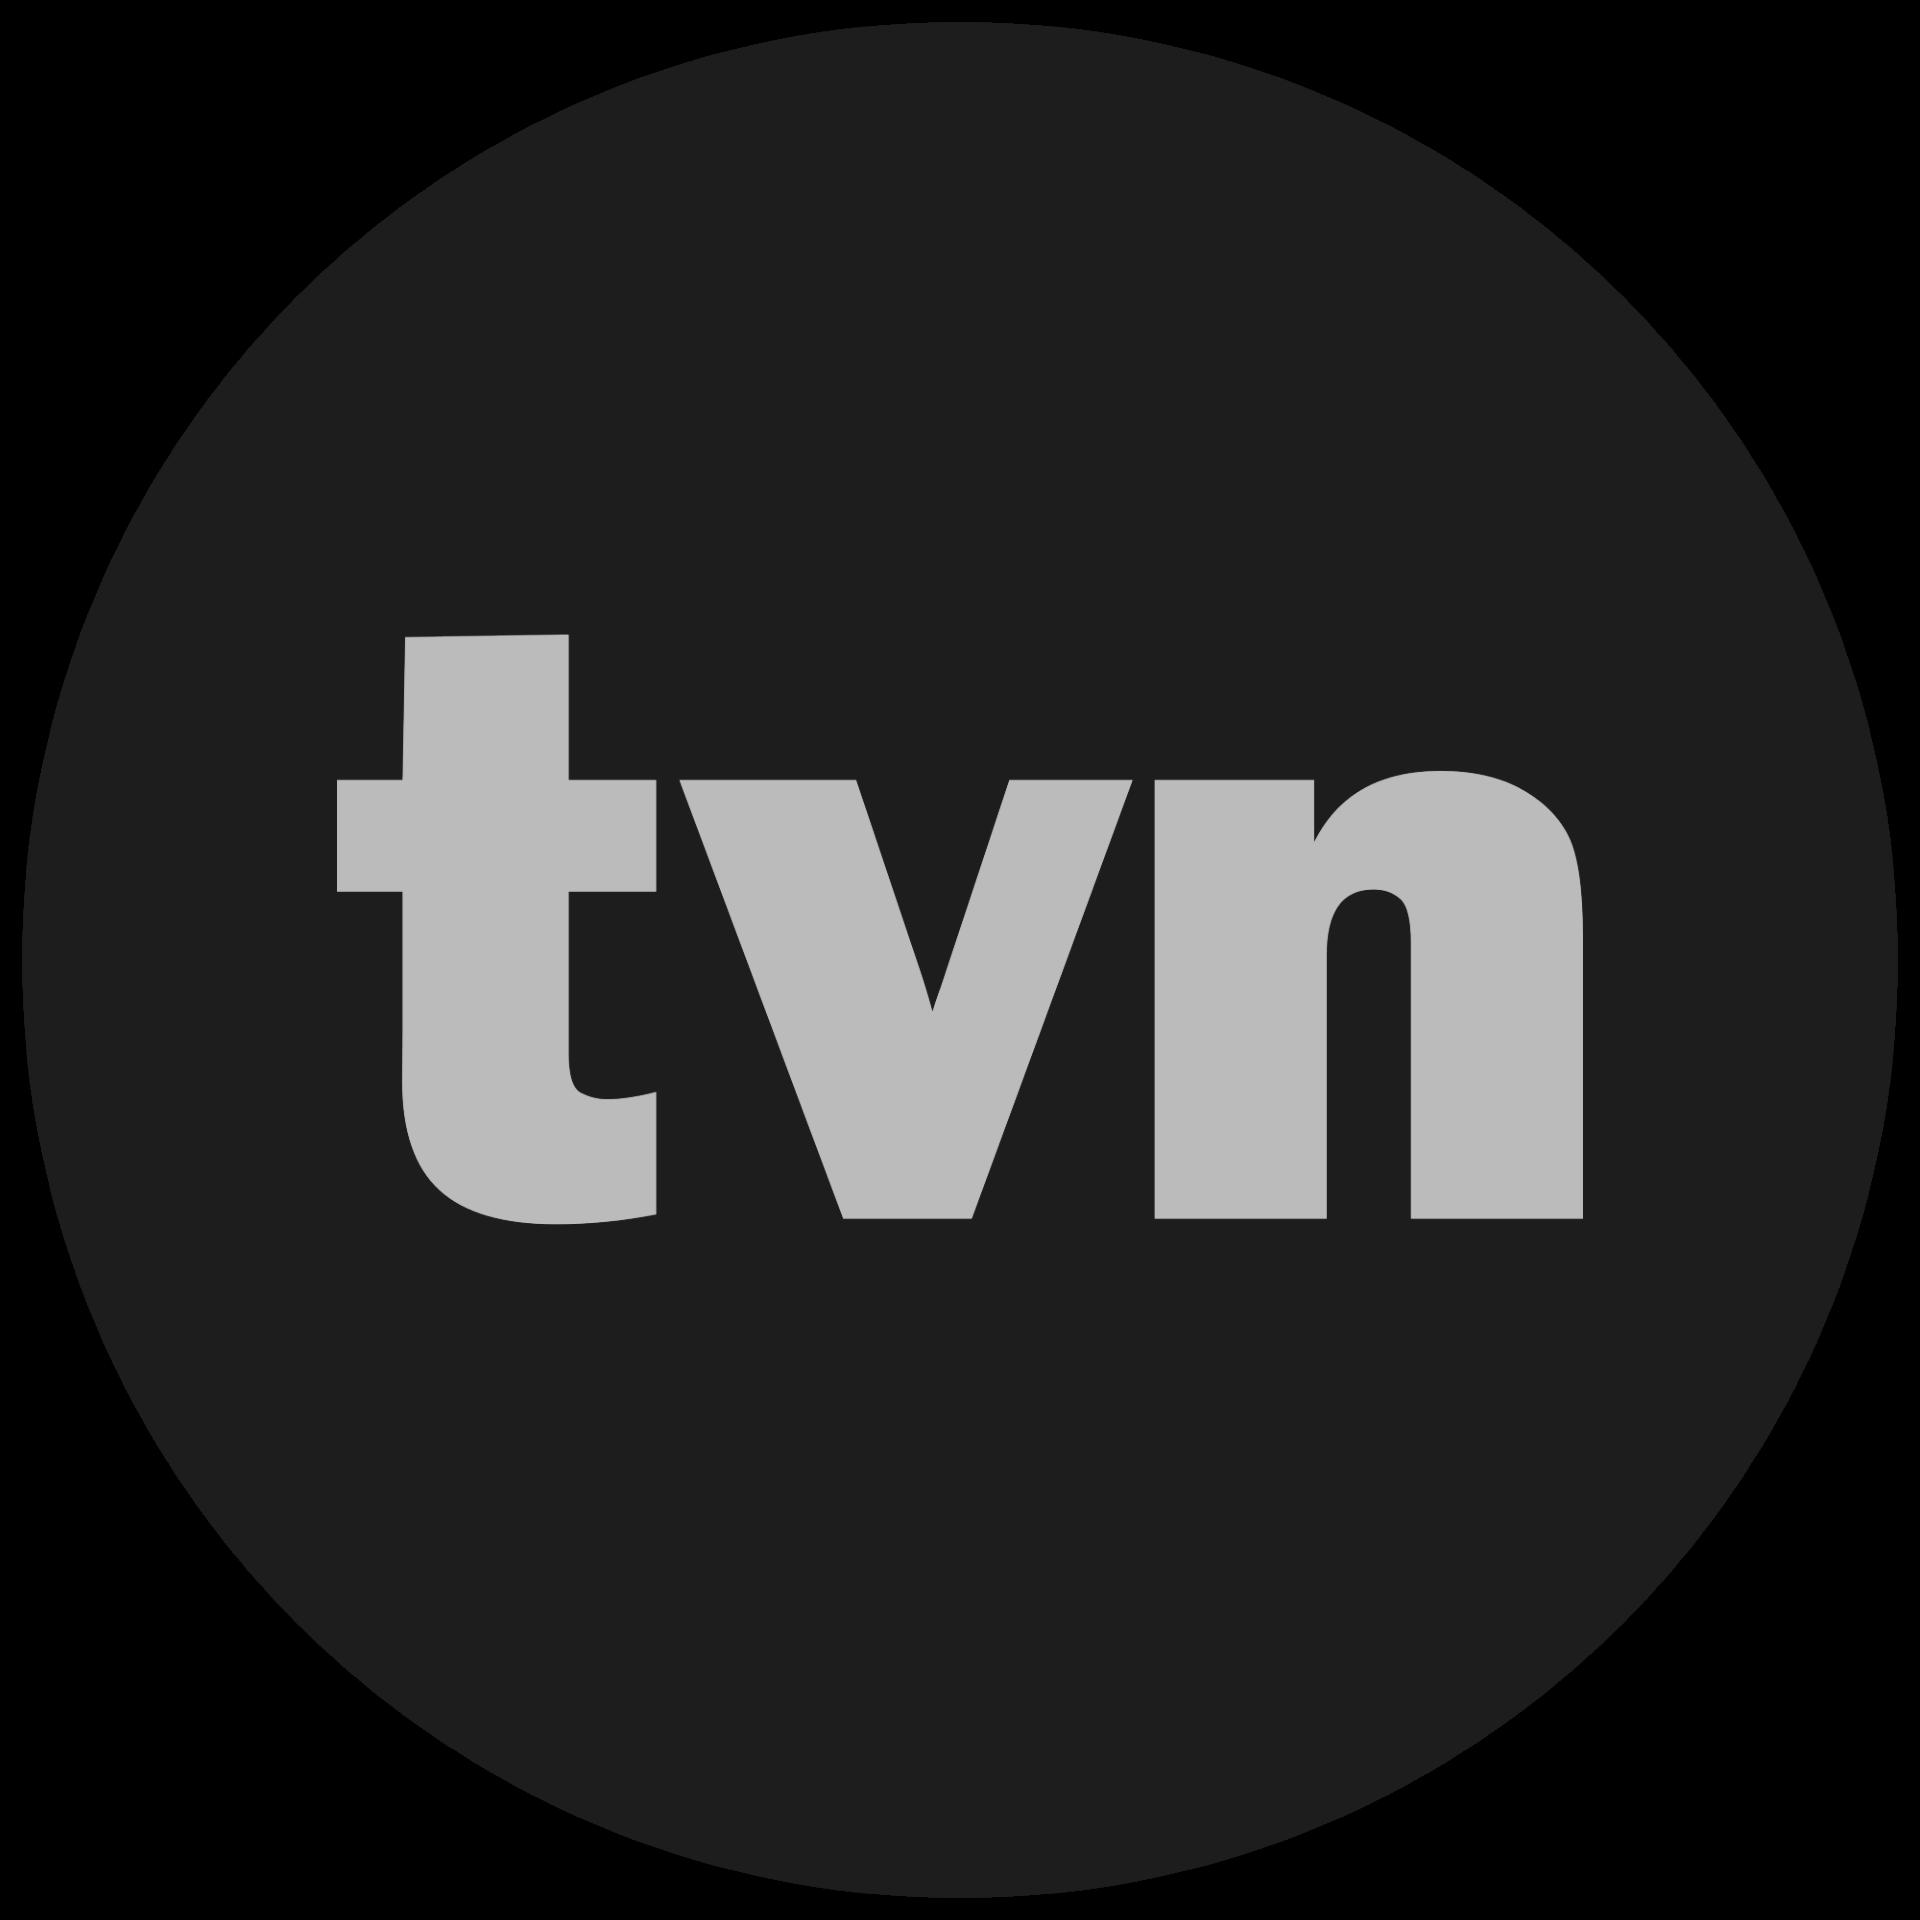 2000px-TVN_logo.svg_edited.png